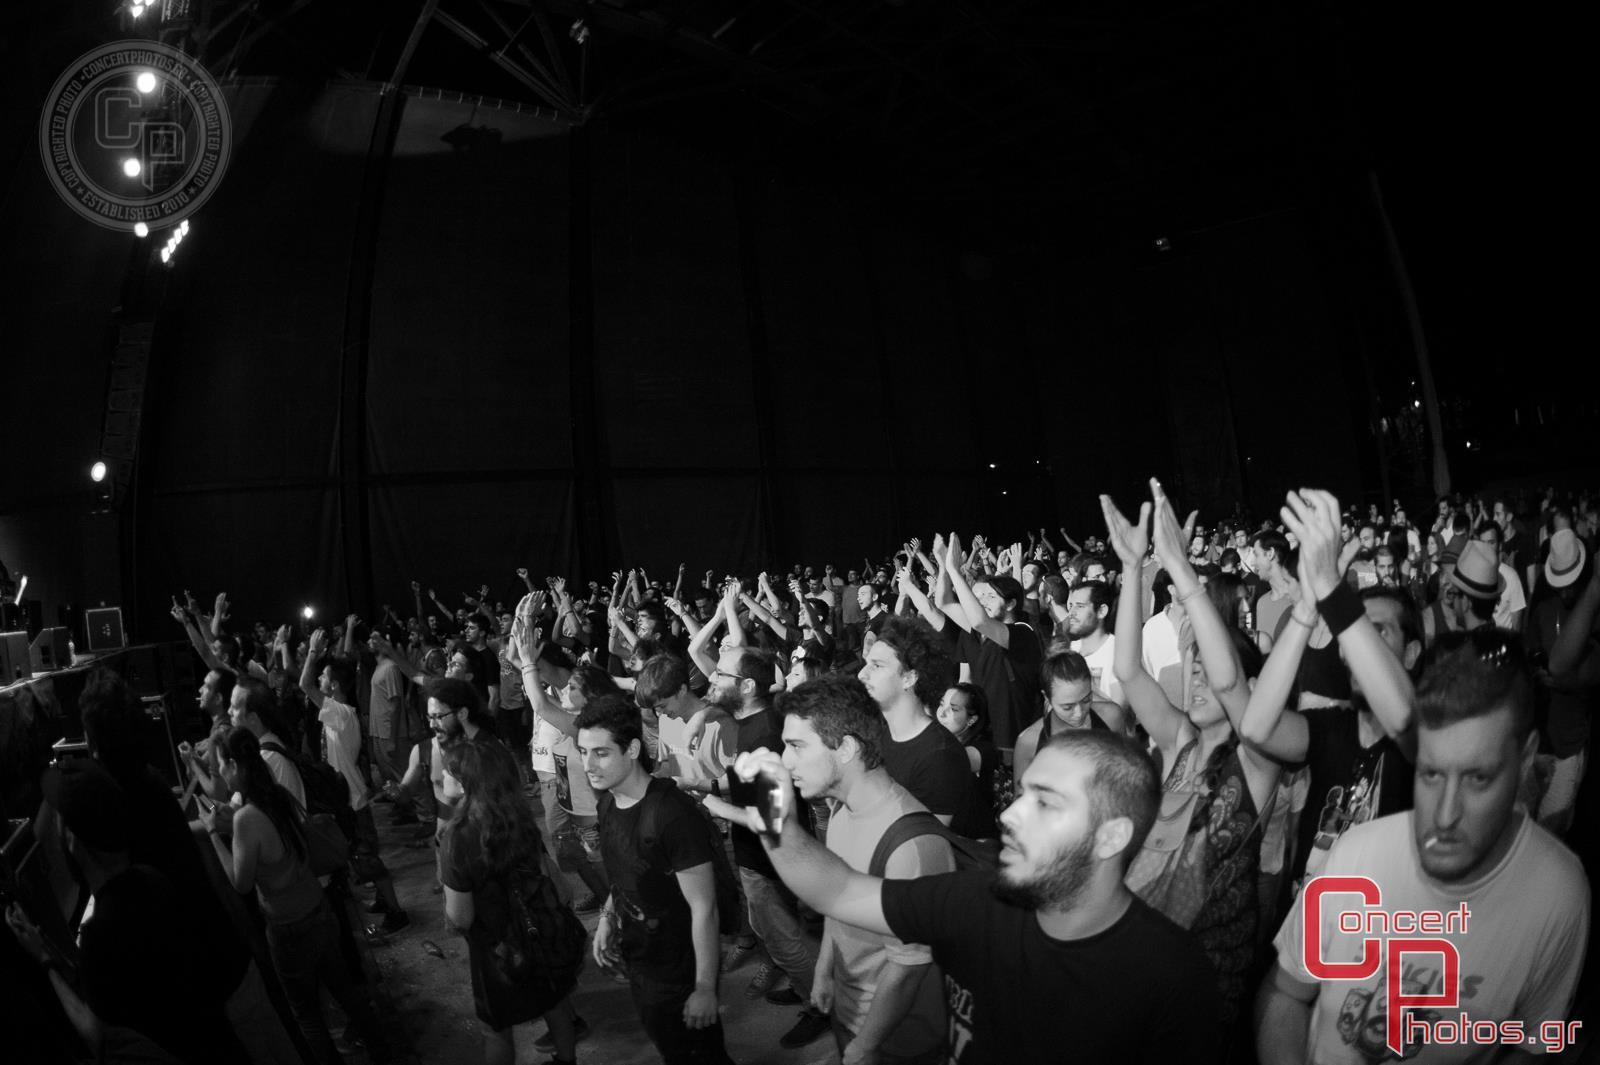 Rockwave 2014-Rockwave 2014 - Day 1 photographer:  - Rockwave-2014-149